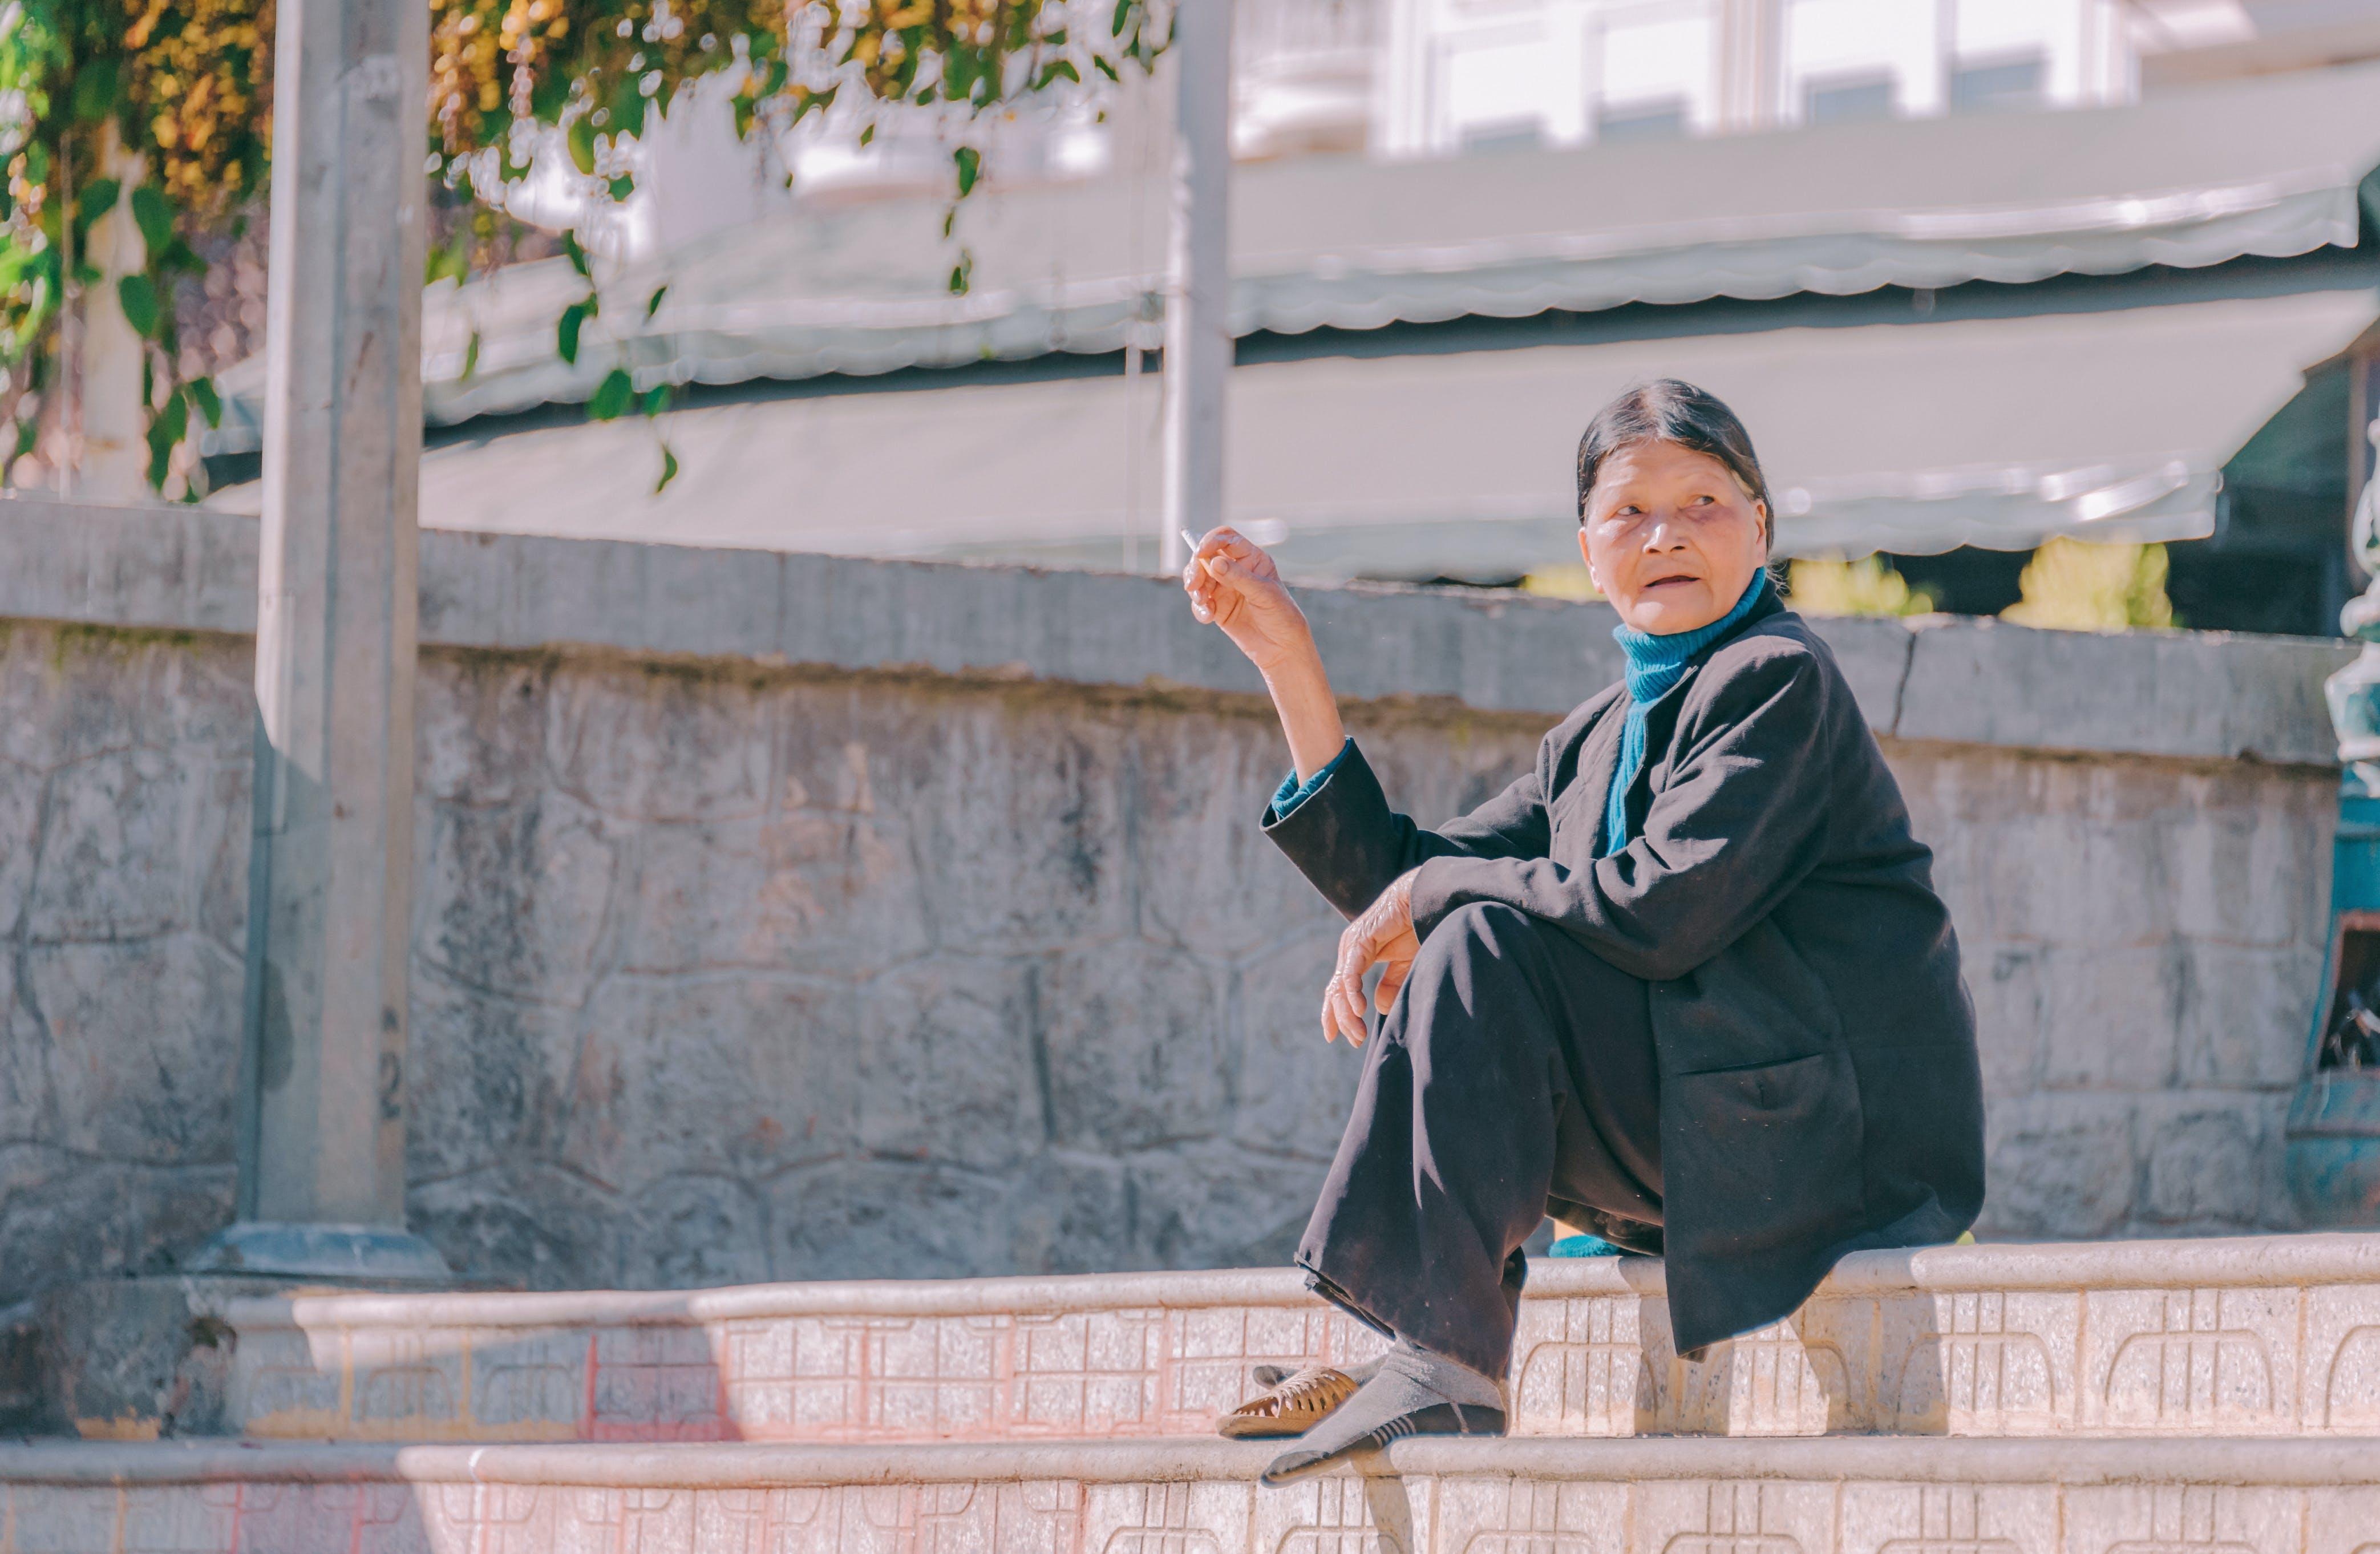 Δωρεάν στοκ φωτογραφιών με lifestyle, αναψυχή, αρχιτεκτονική, ασιατικό κορίτσι